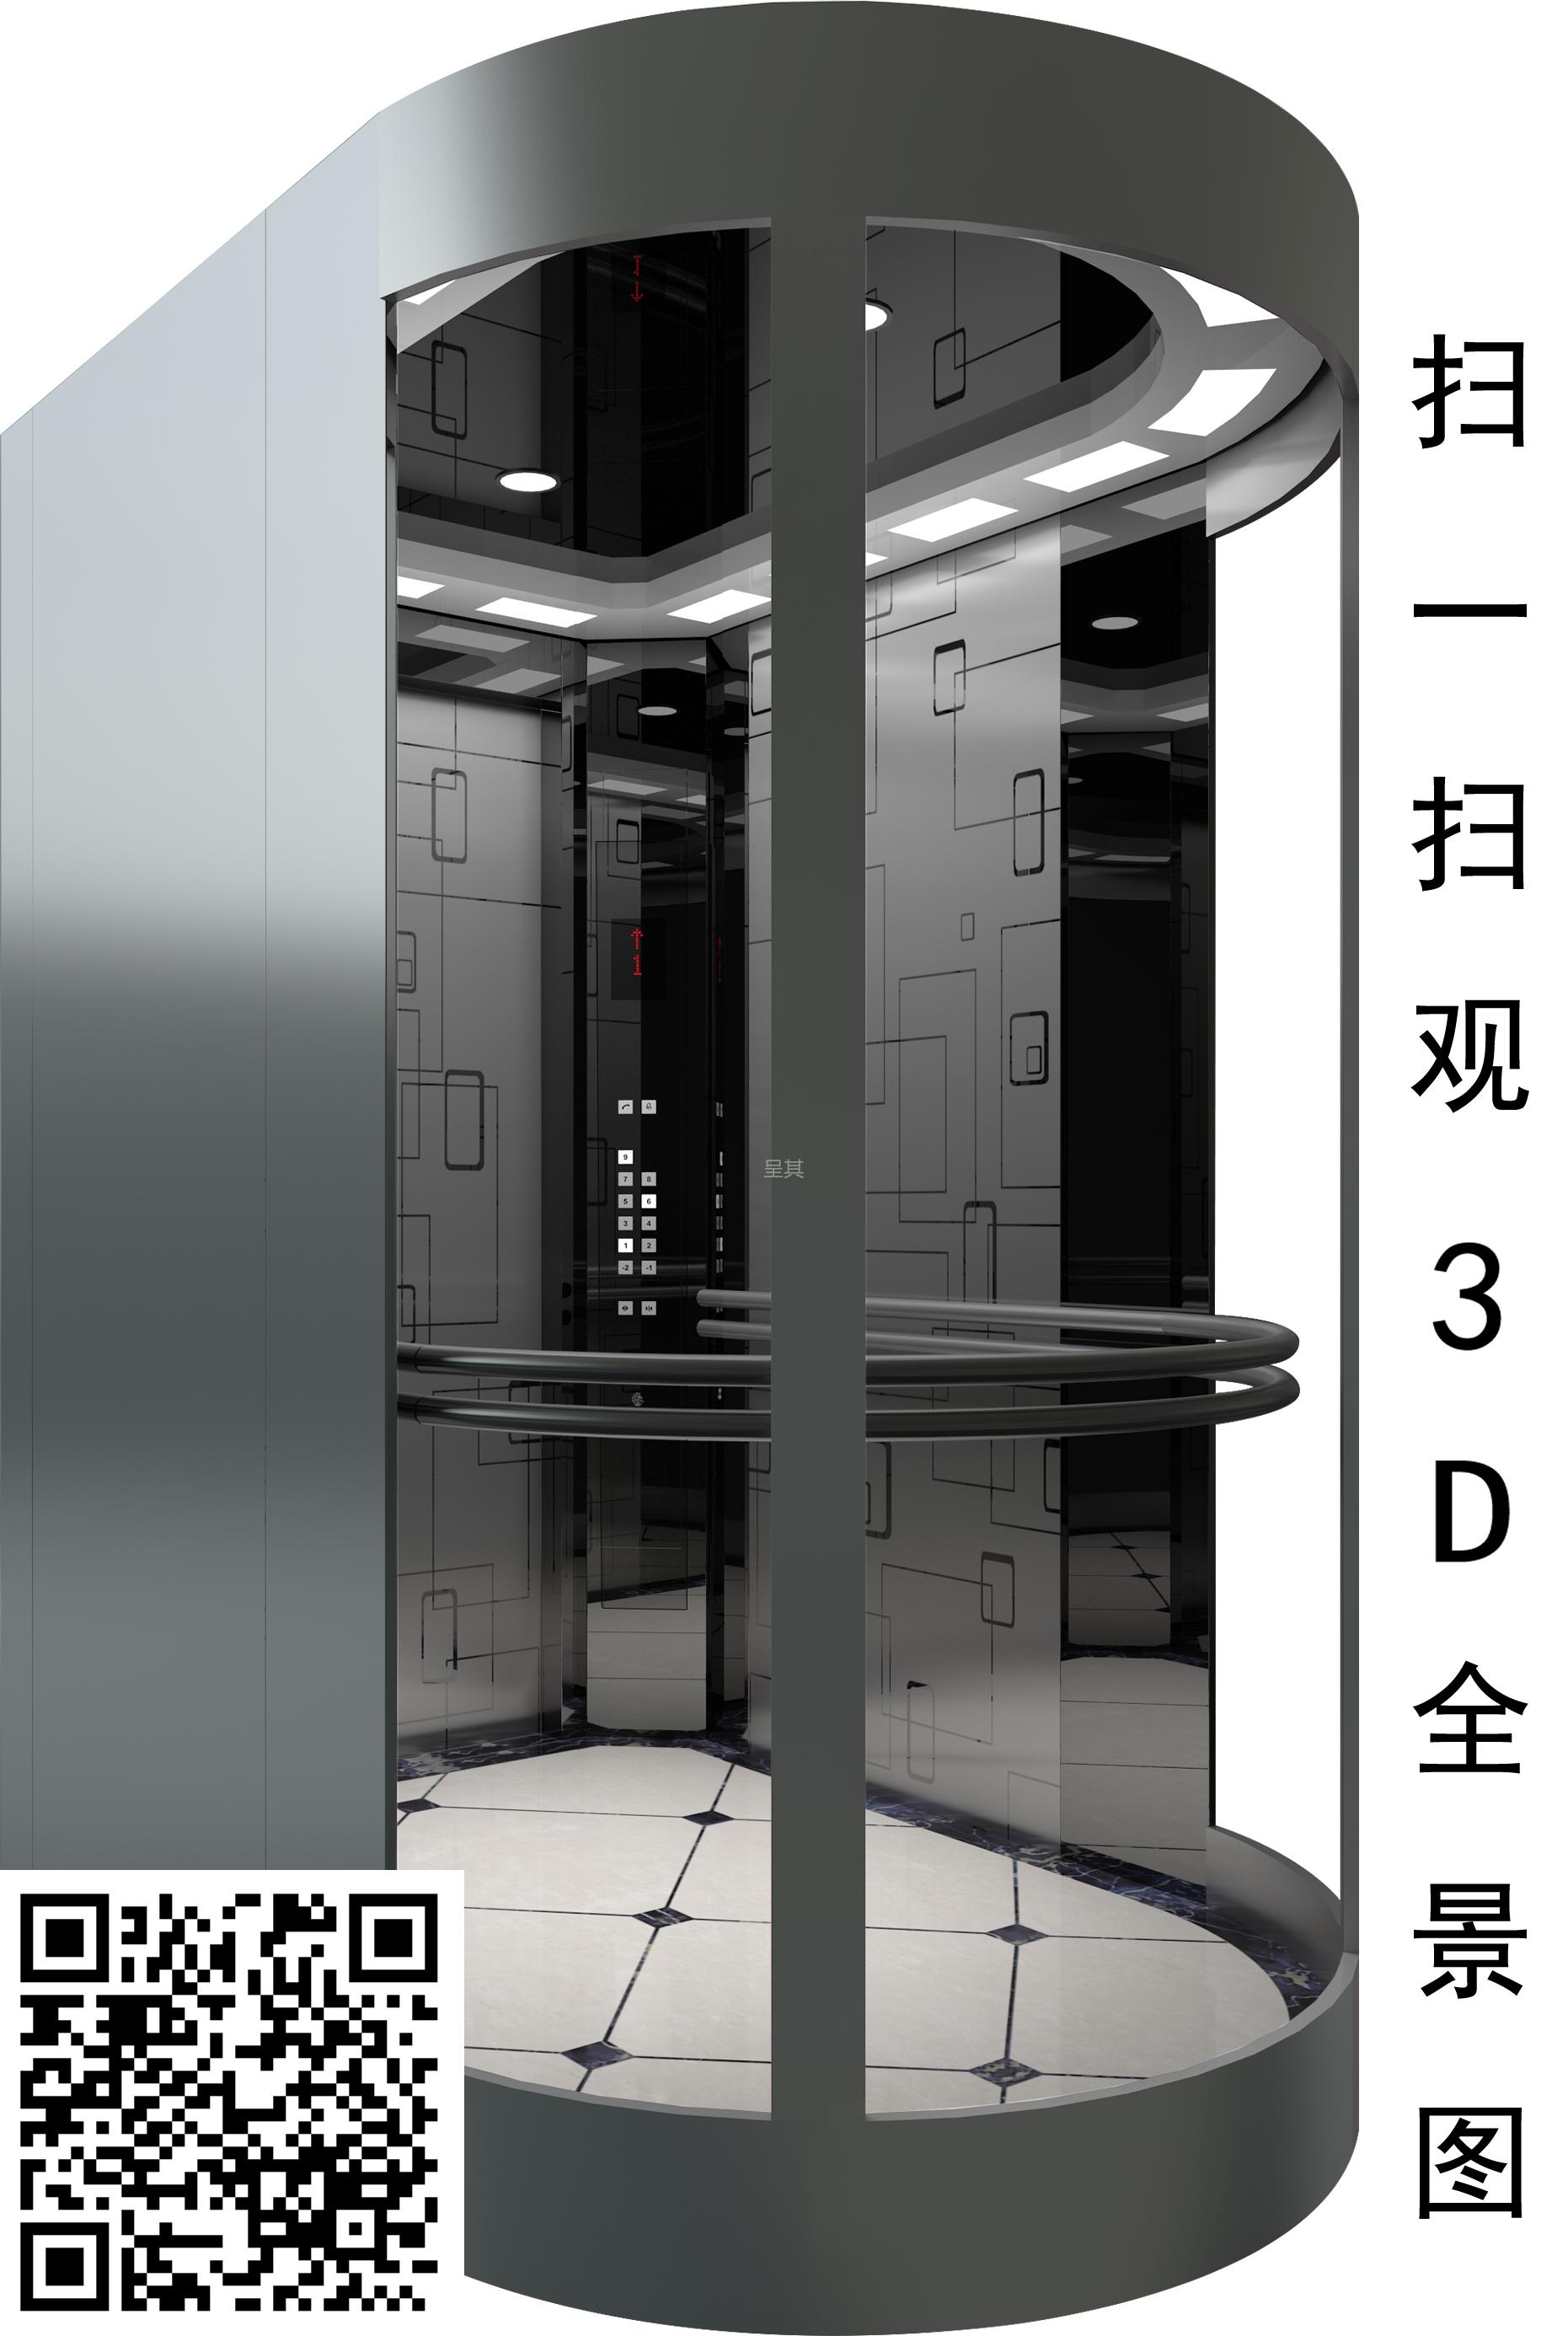 蓮花廣場觀光梯.jpg